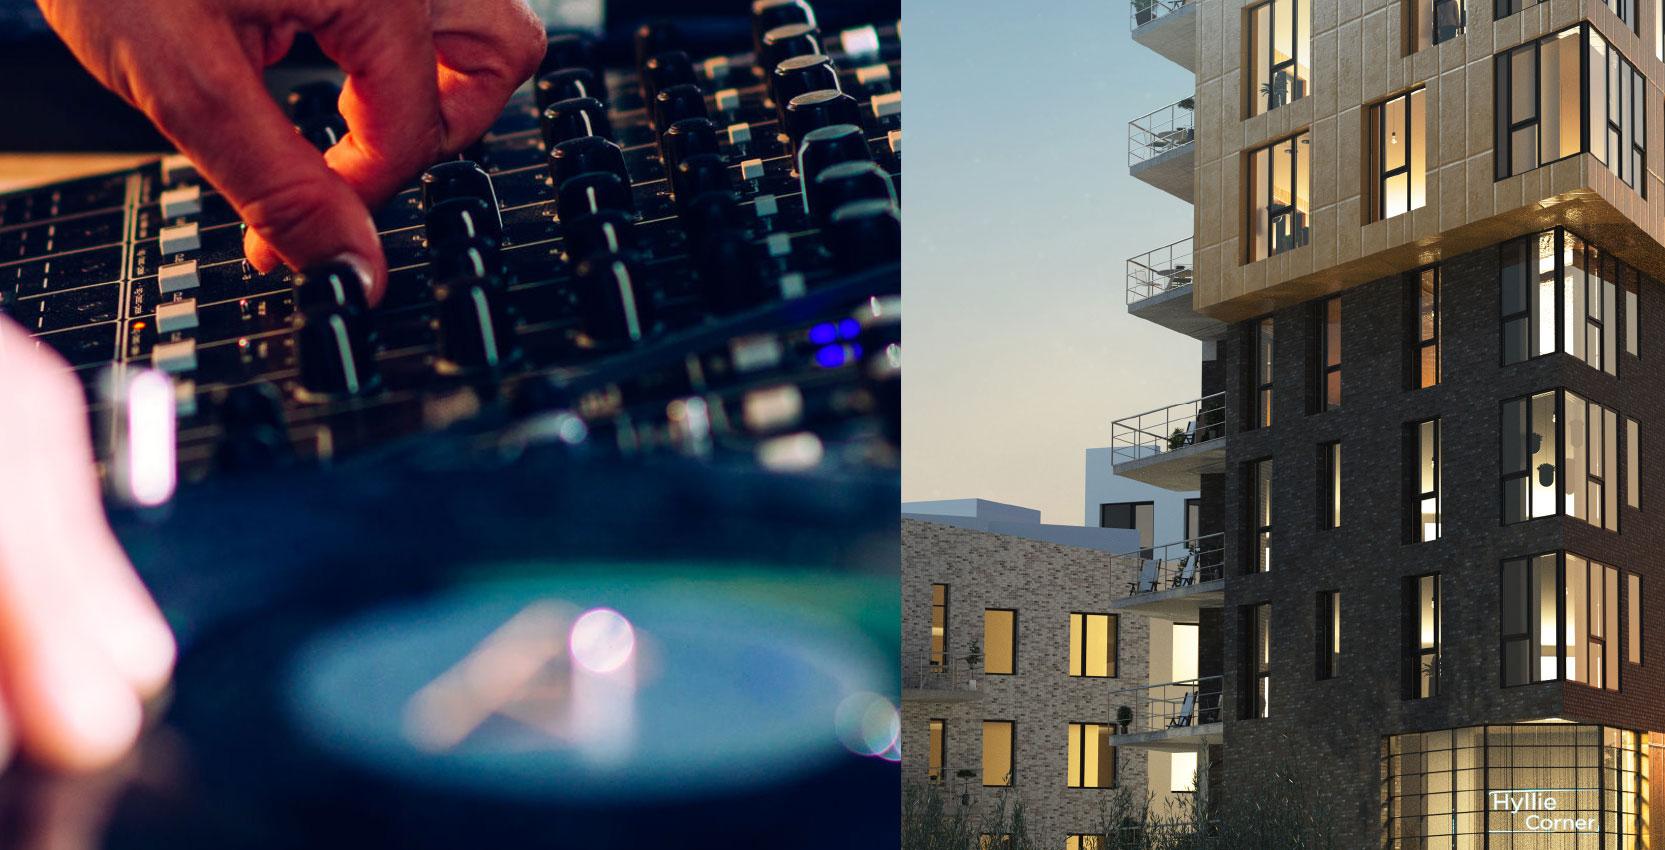 Premiär för Hyllie Corners showroom – Midroc utvecklar framtidens bostäder